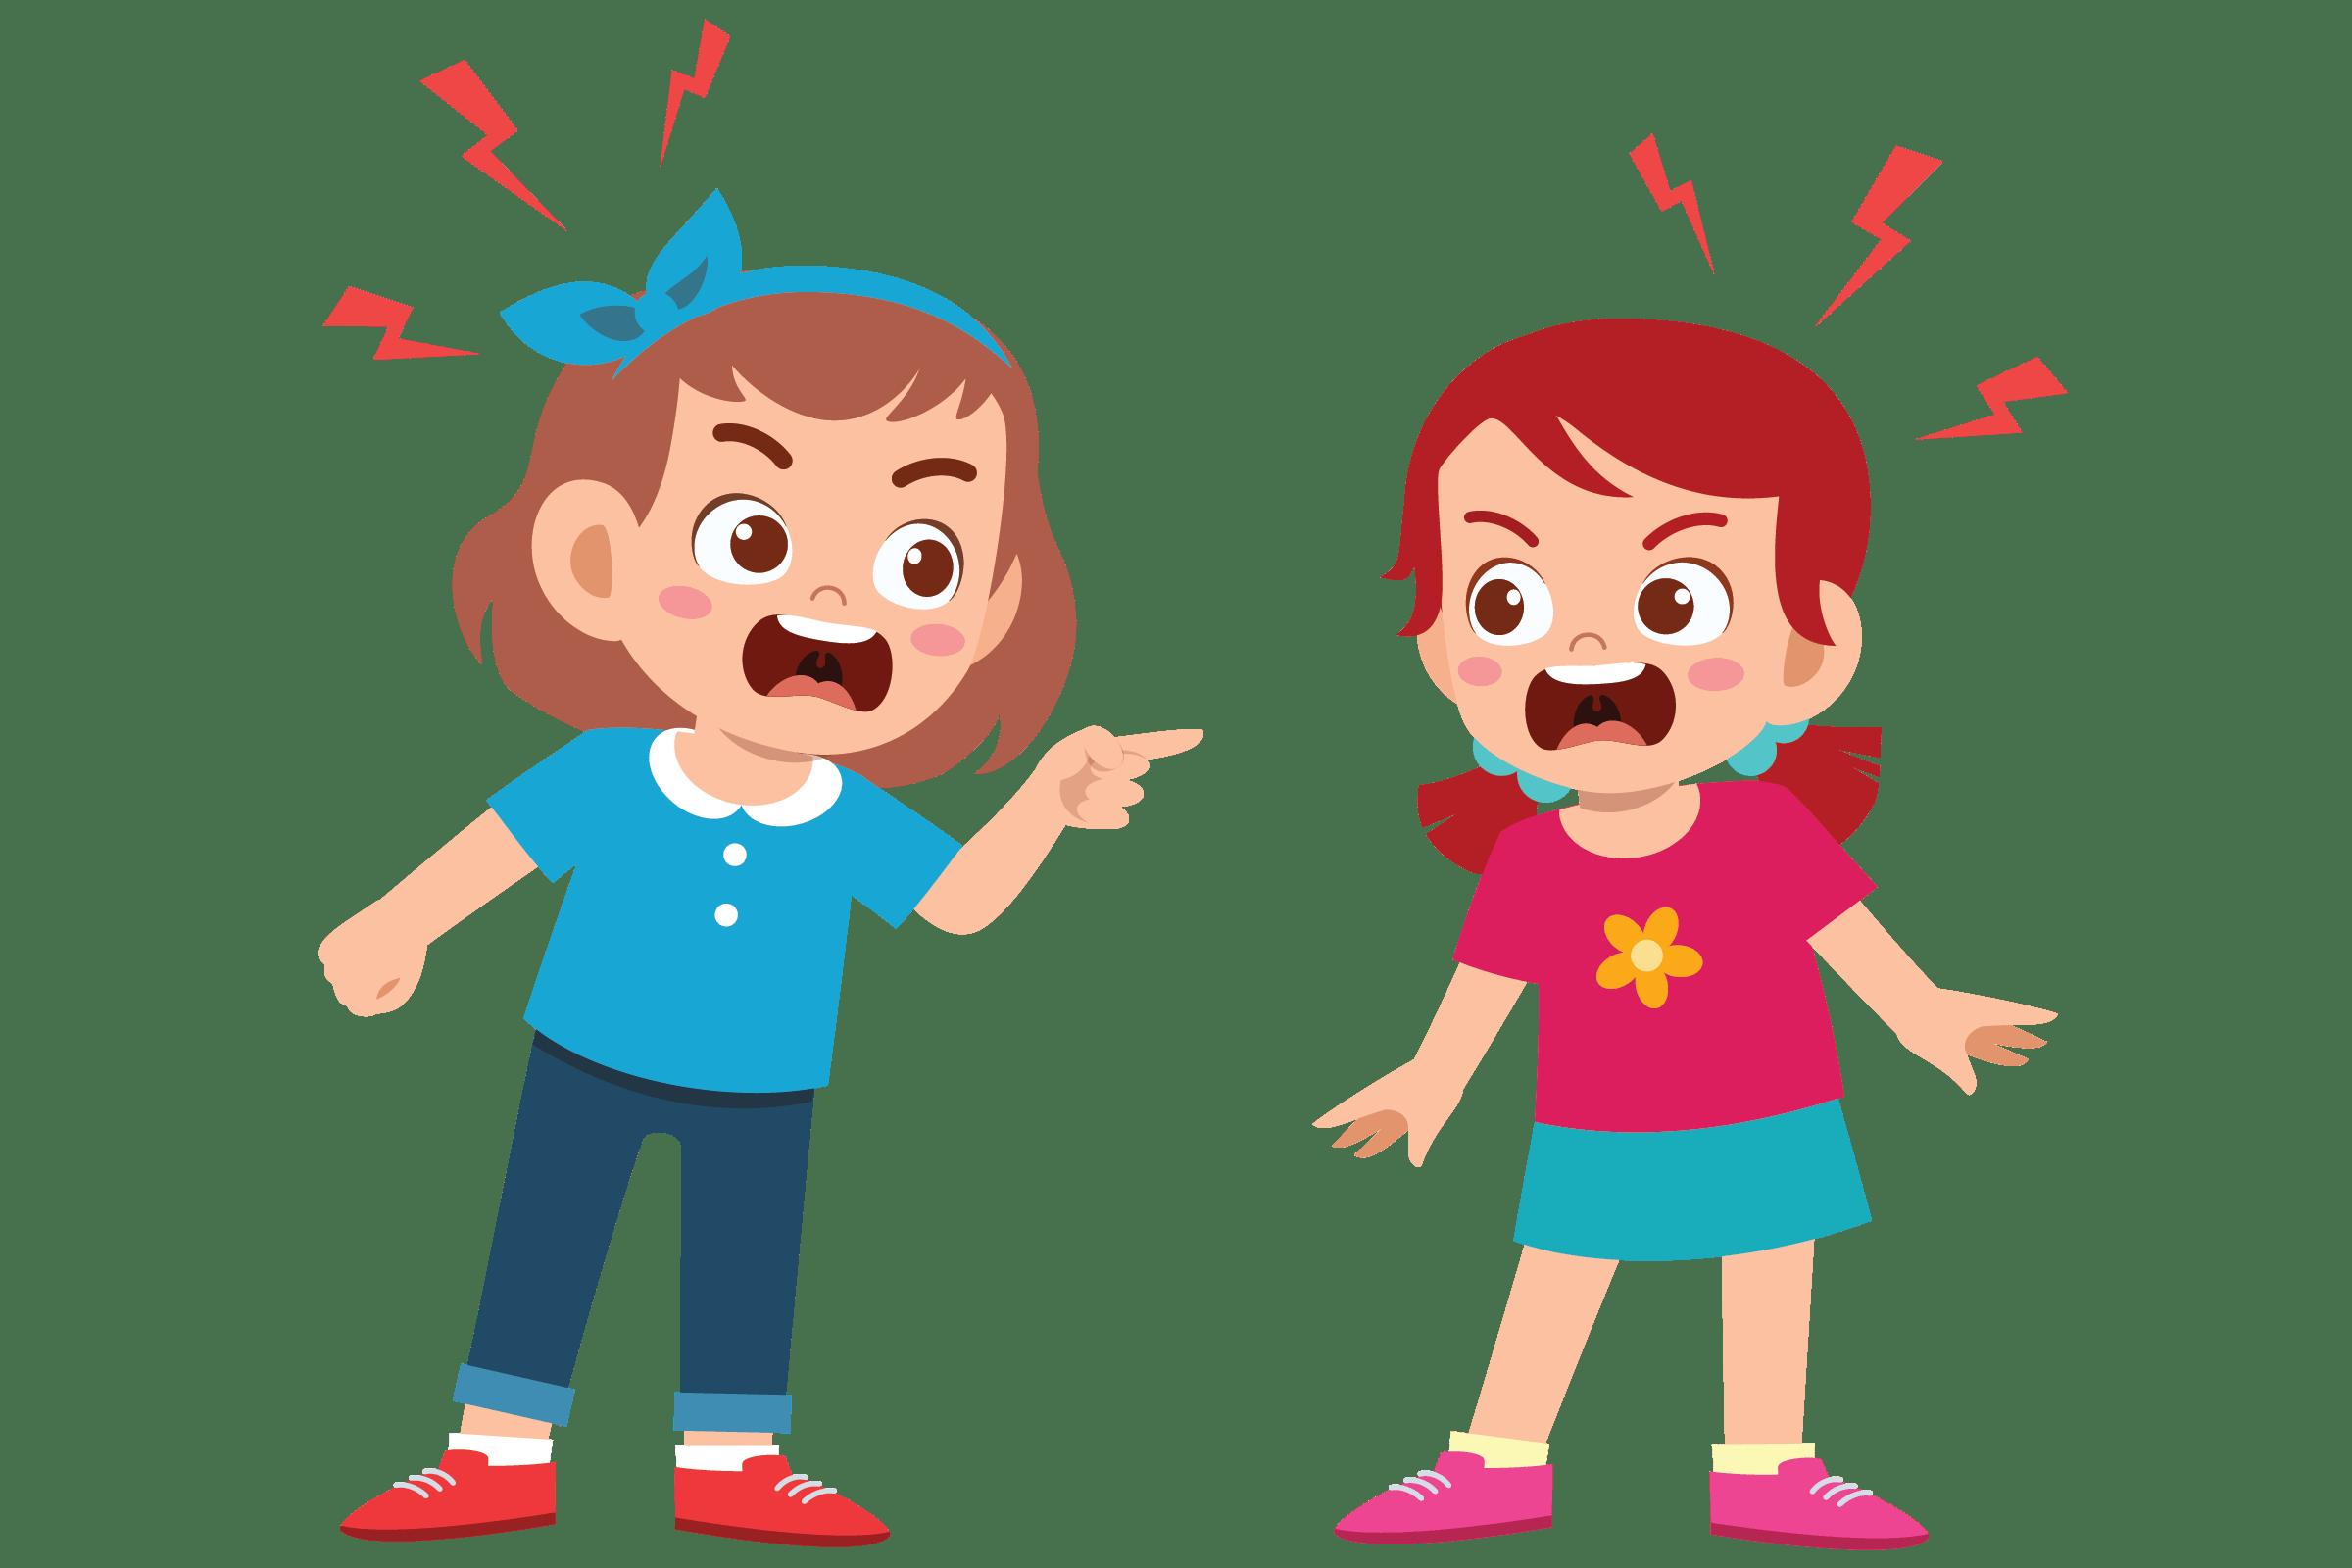 دعوای کودکانه نشانه چیست؟